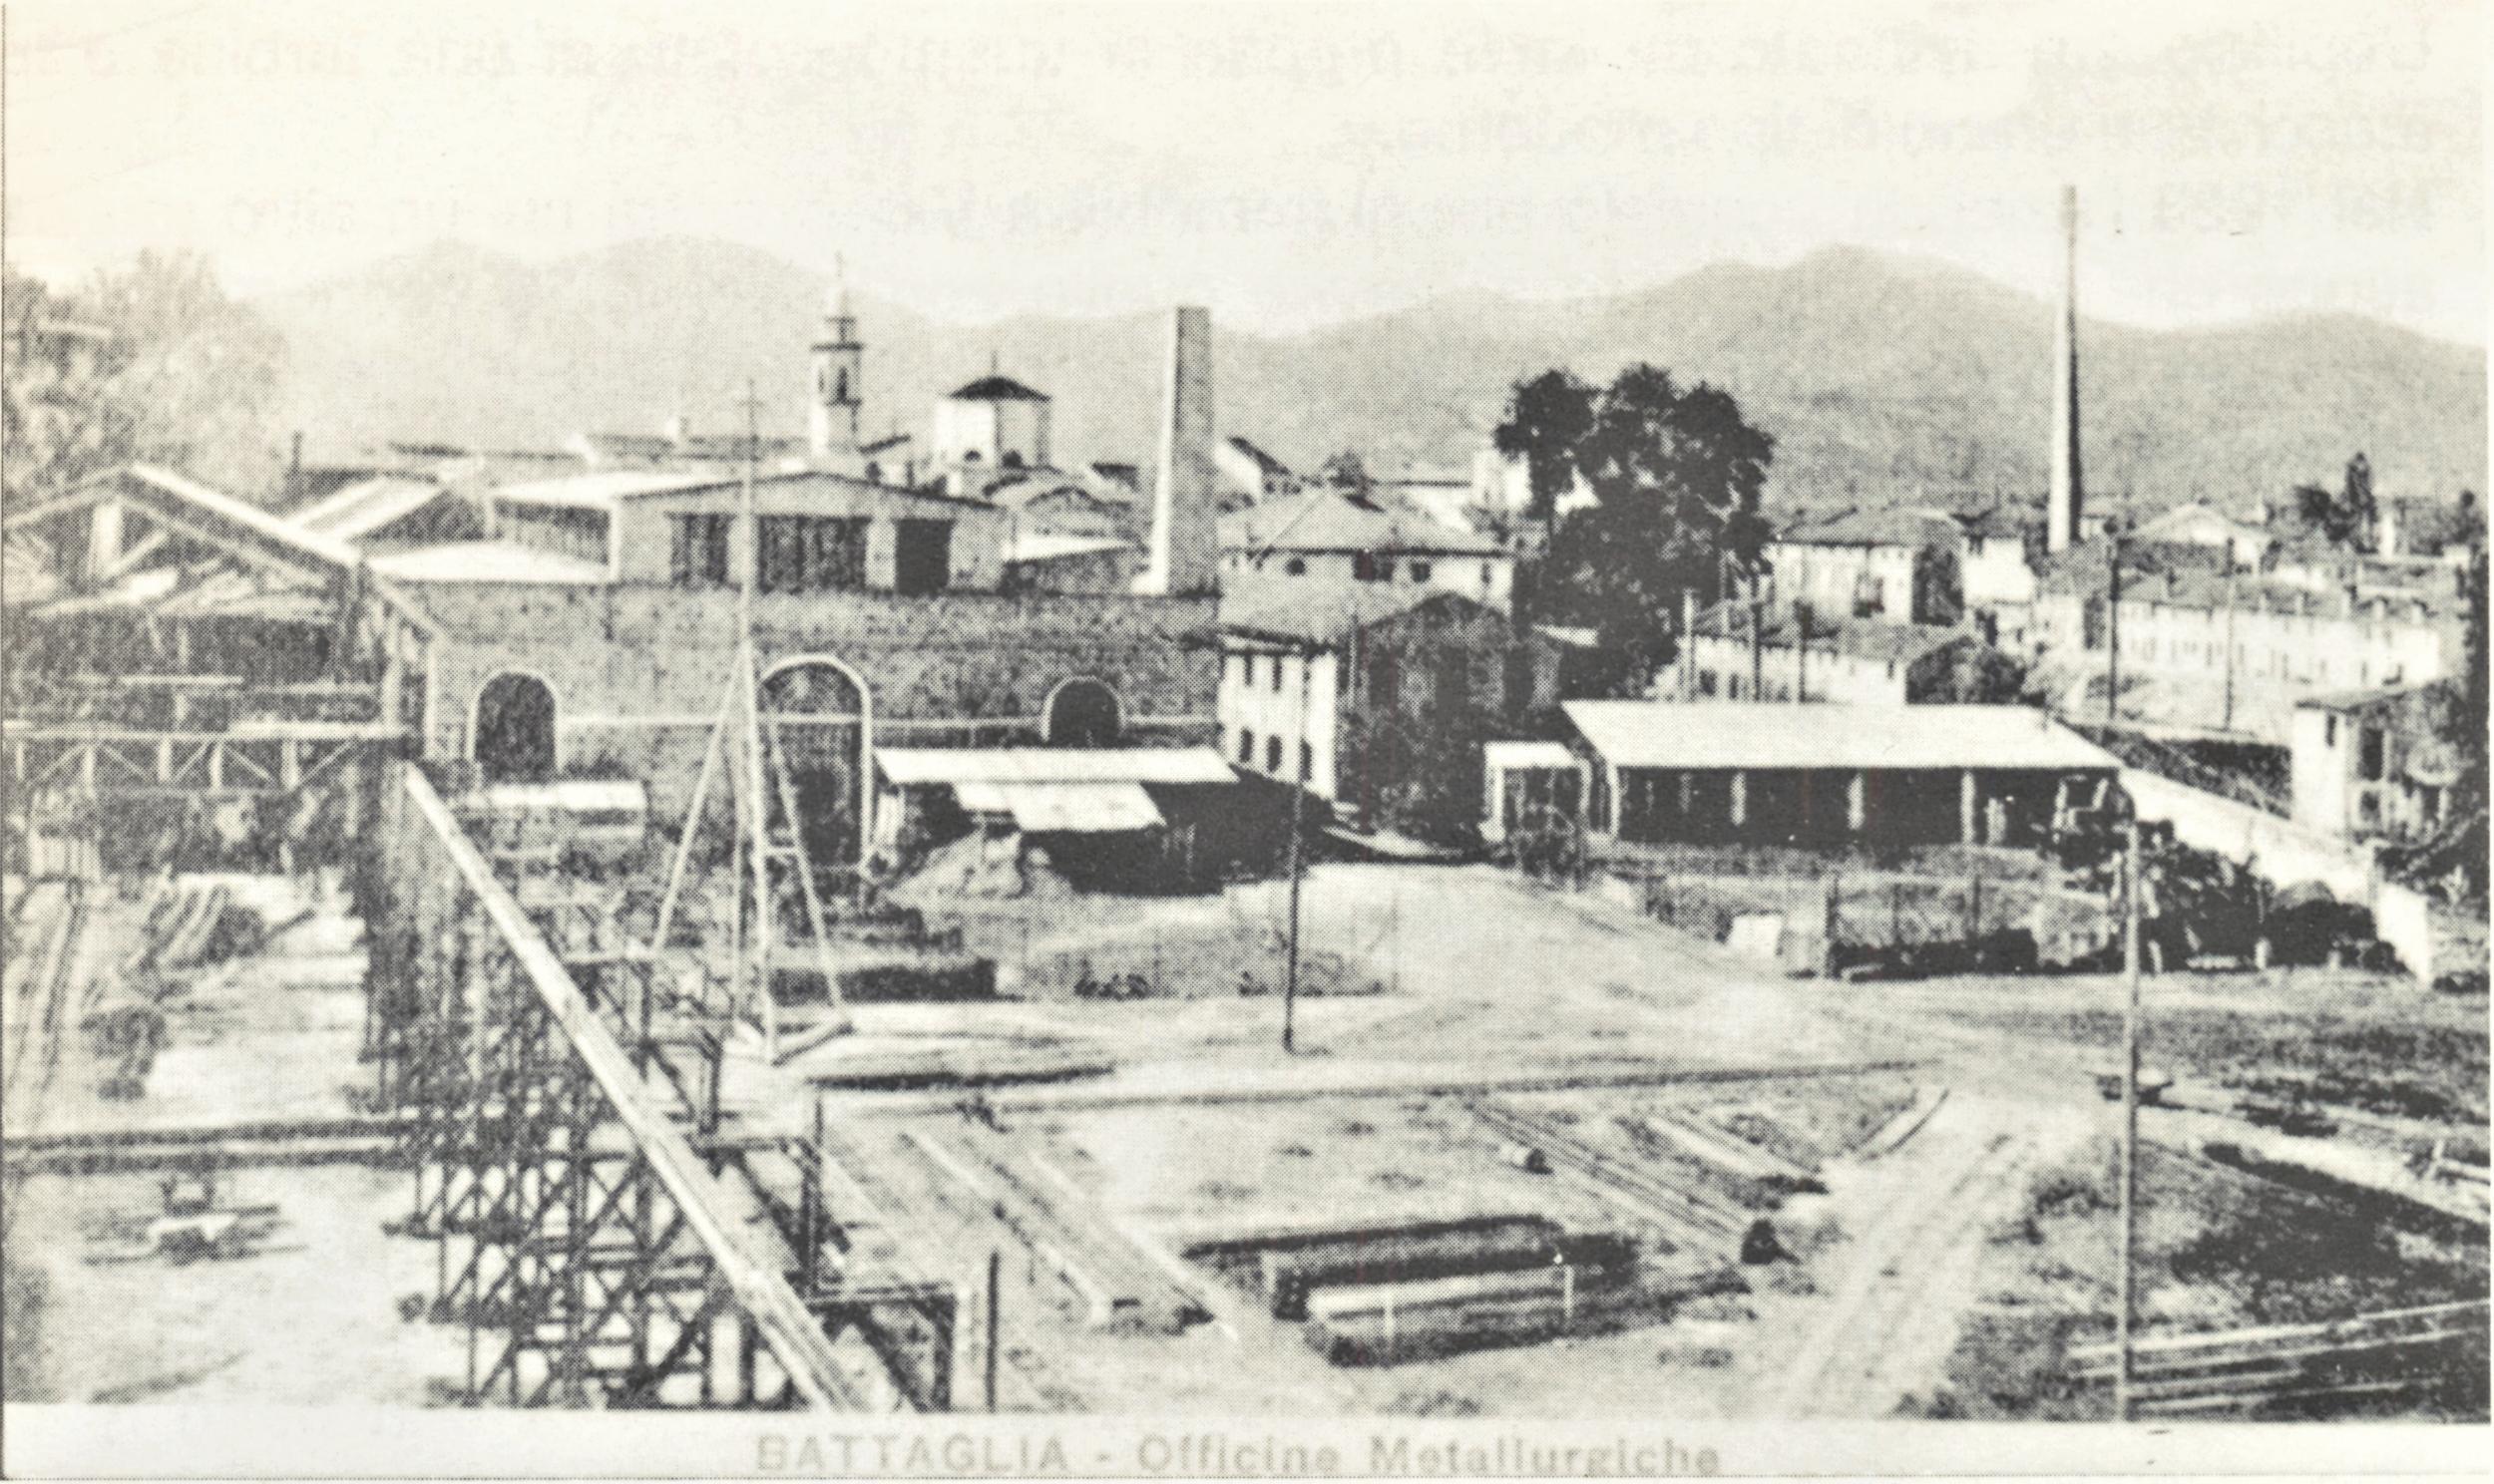 Le Officine di Battaglia in una cartolina degli anni '20.